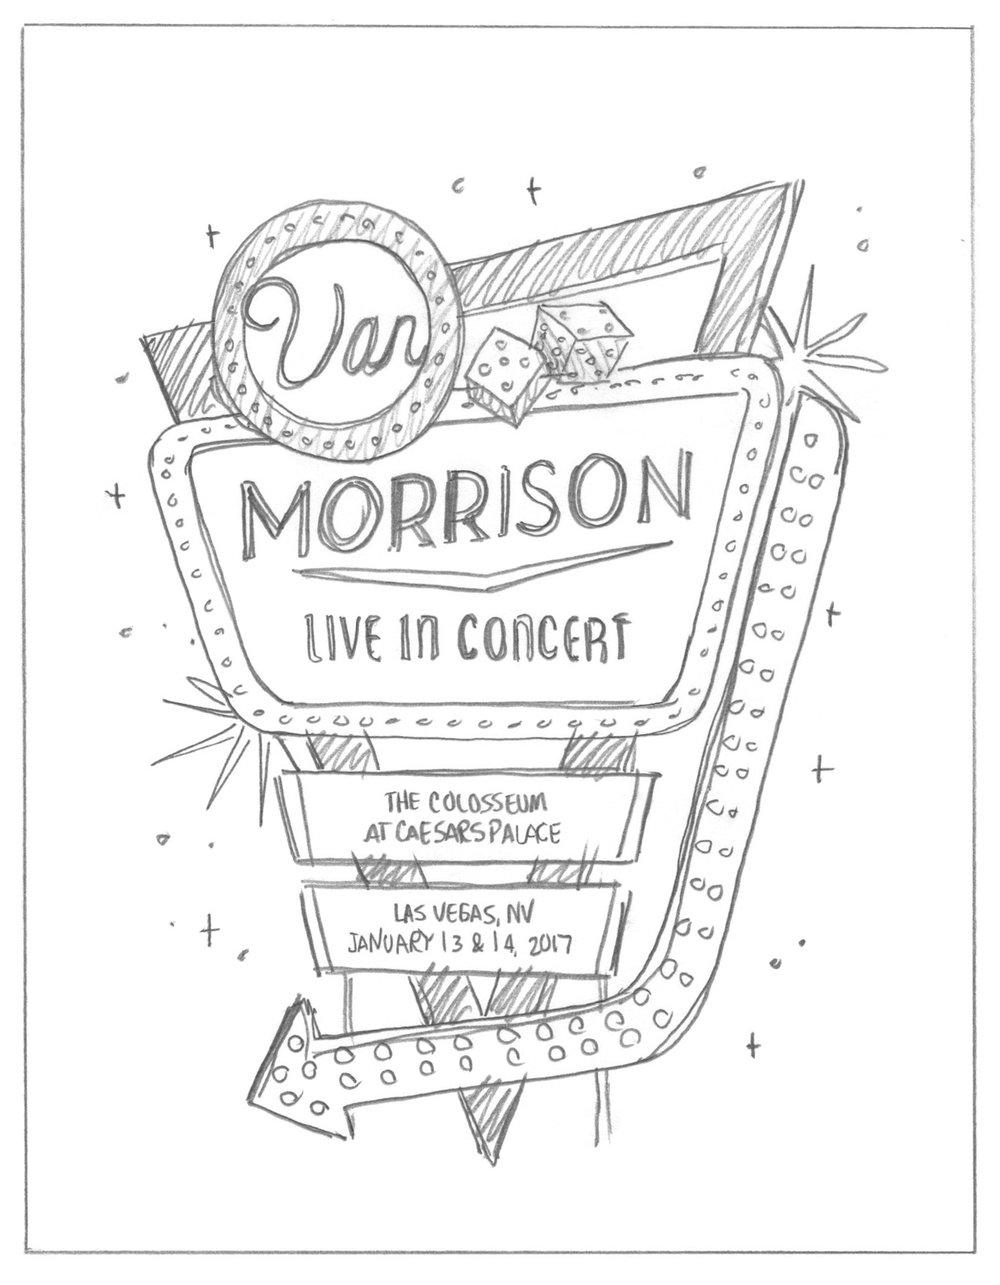 Van+Morrison+poster+by+DKNG_sketch.jpg